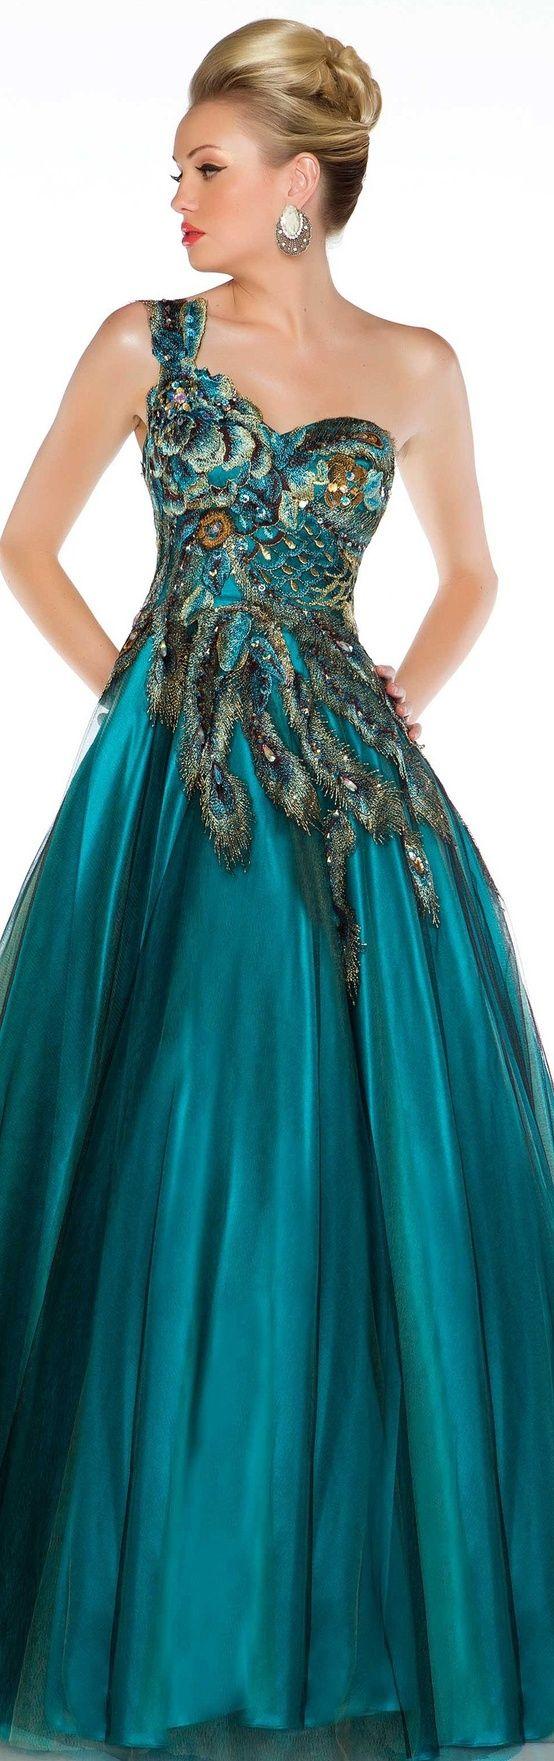 HAUTE COUTURE 2013 | Extravagante kleider, Ballkleid, Kleider